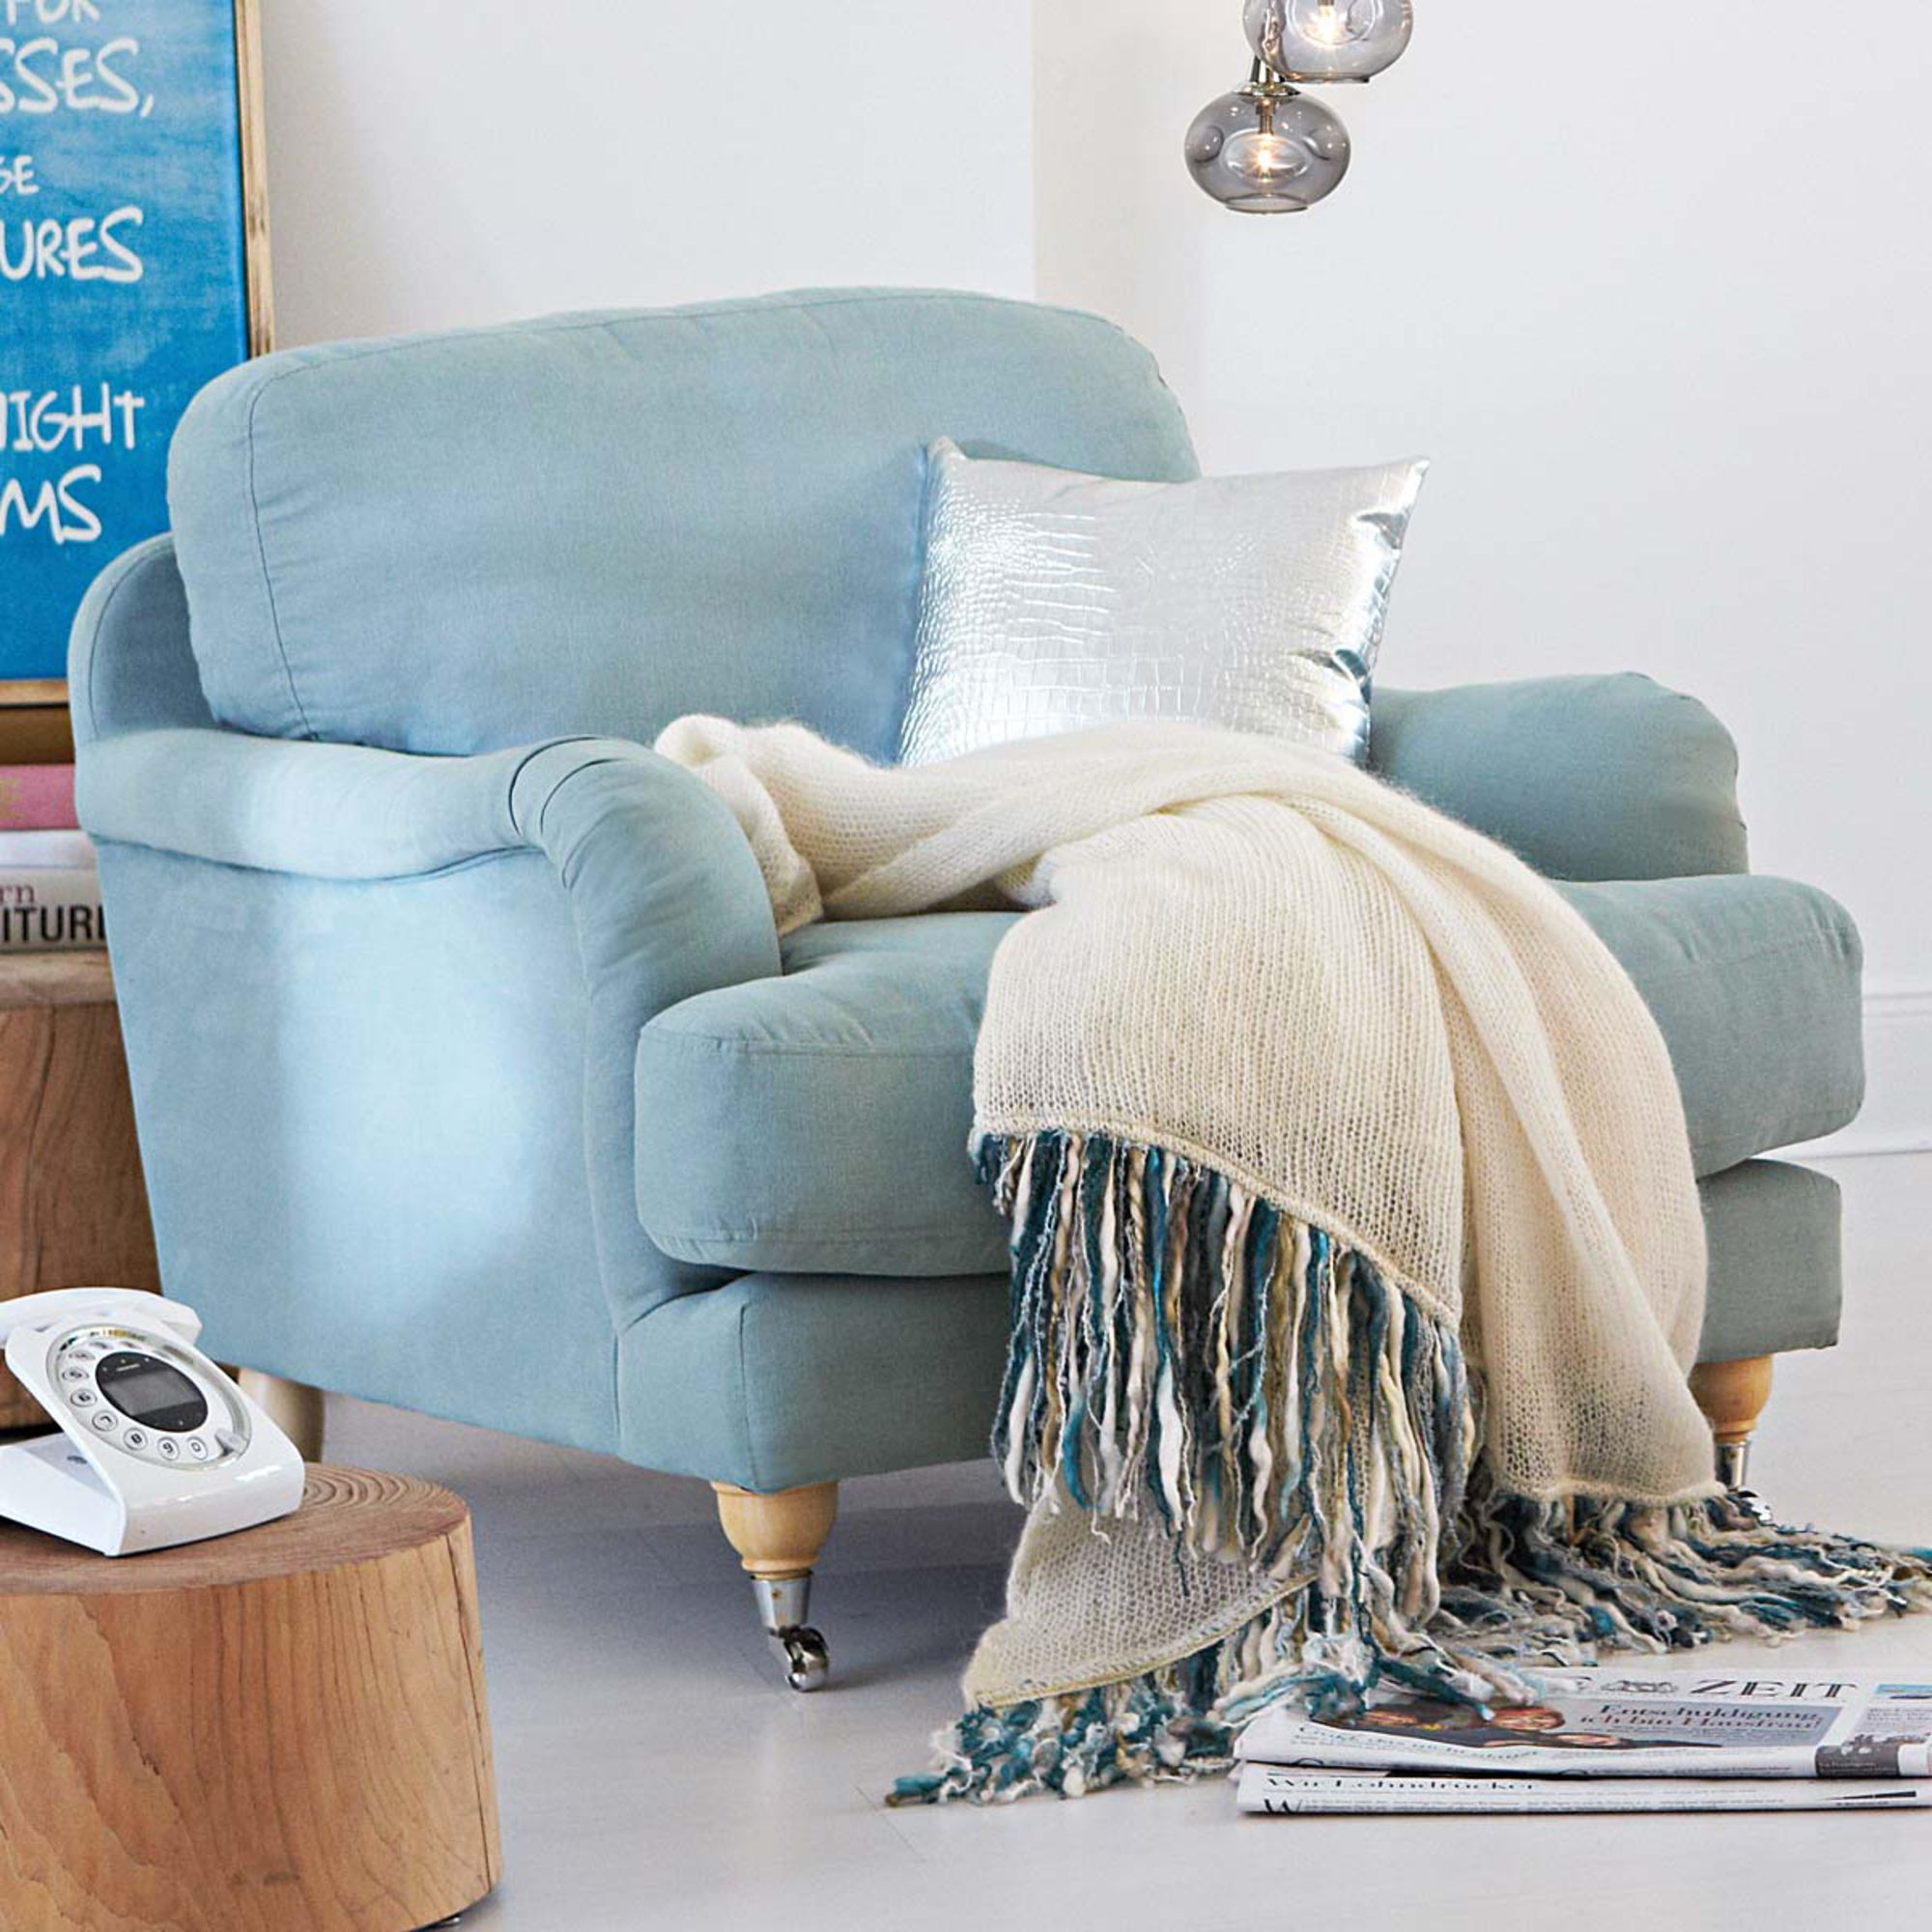 Blau Ist Die Neue Trendfarbe In Sachen Einrichtung! Sie Lässt Uns Vom  Sommerhimmel Und Mittelmeer Träumen Und Wirkt Beruhigend. Angeblich